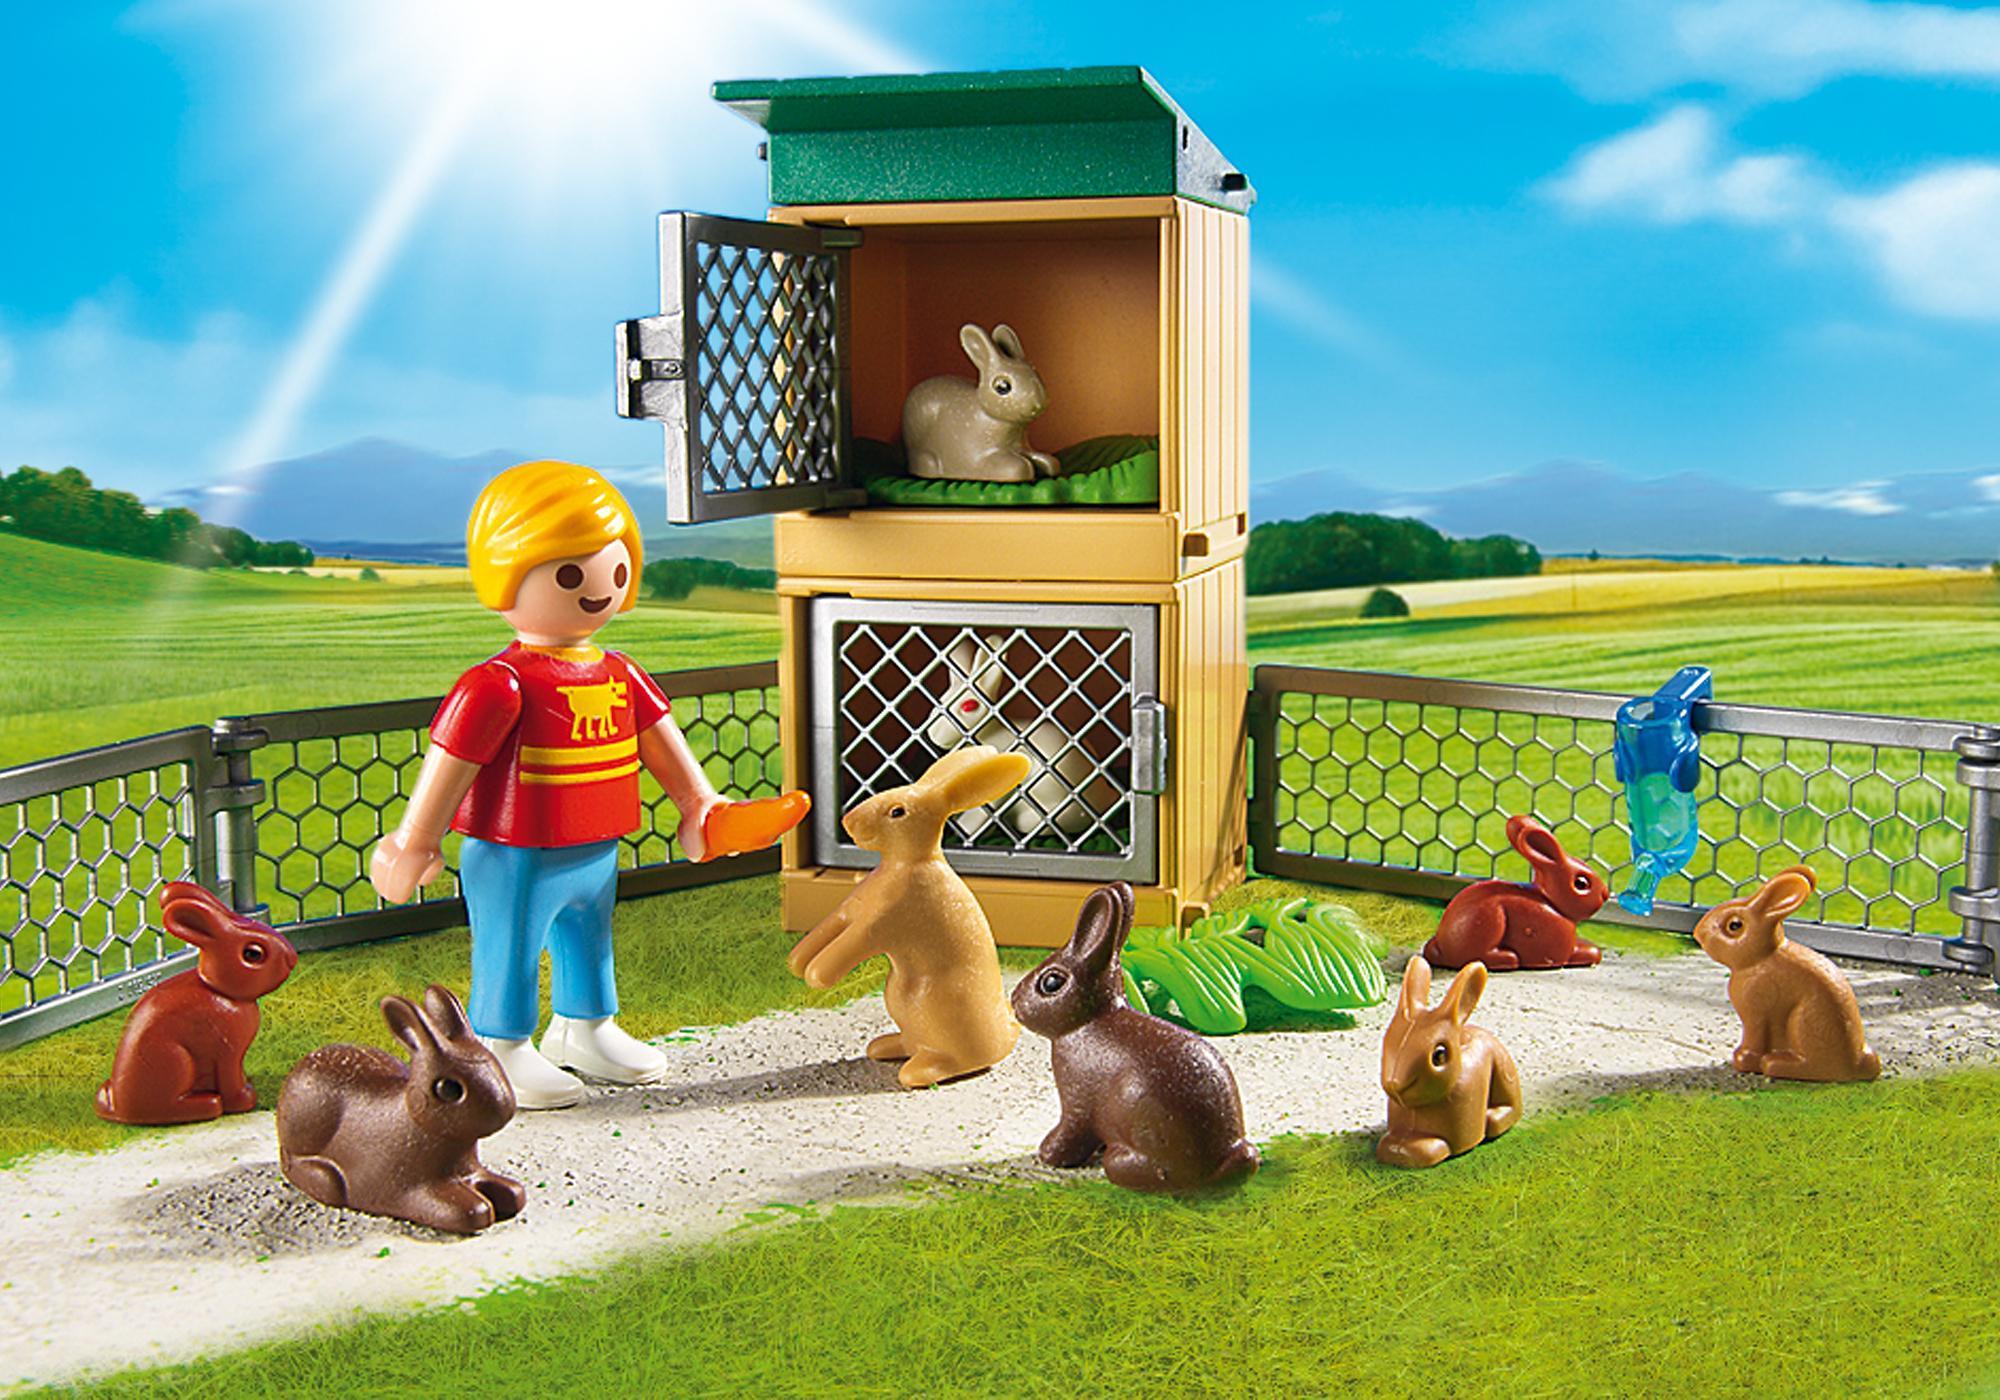 http://media.playmobil.com/i/playmobil/6140_product_extra1/Klatka dla królików z wolnym wybiegiem